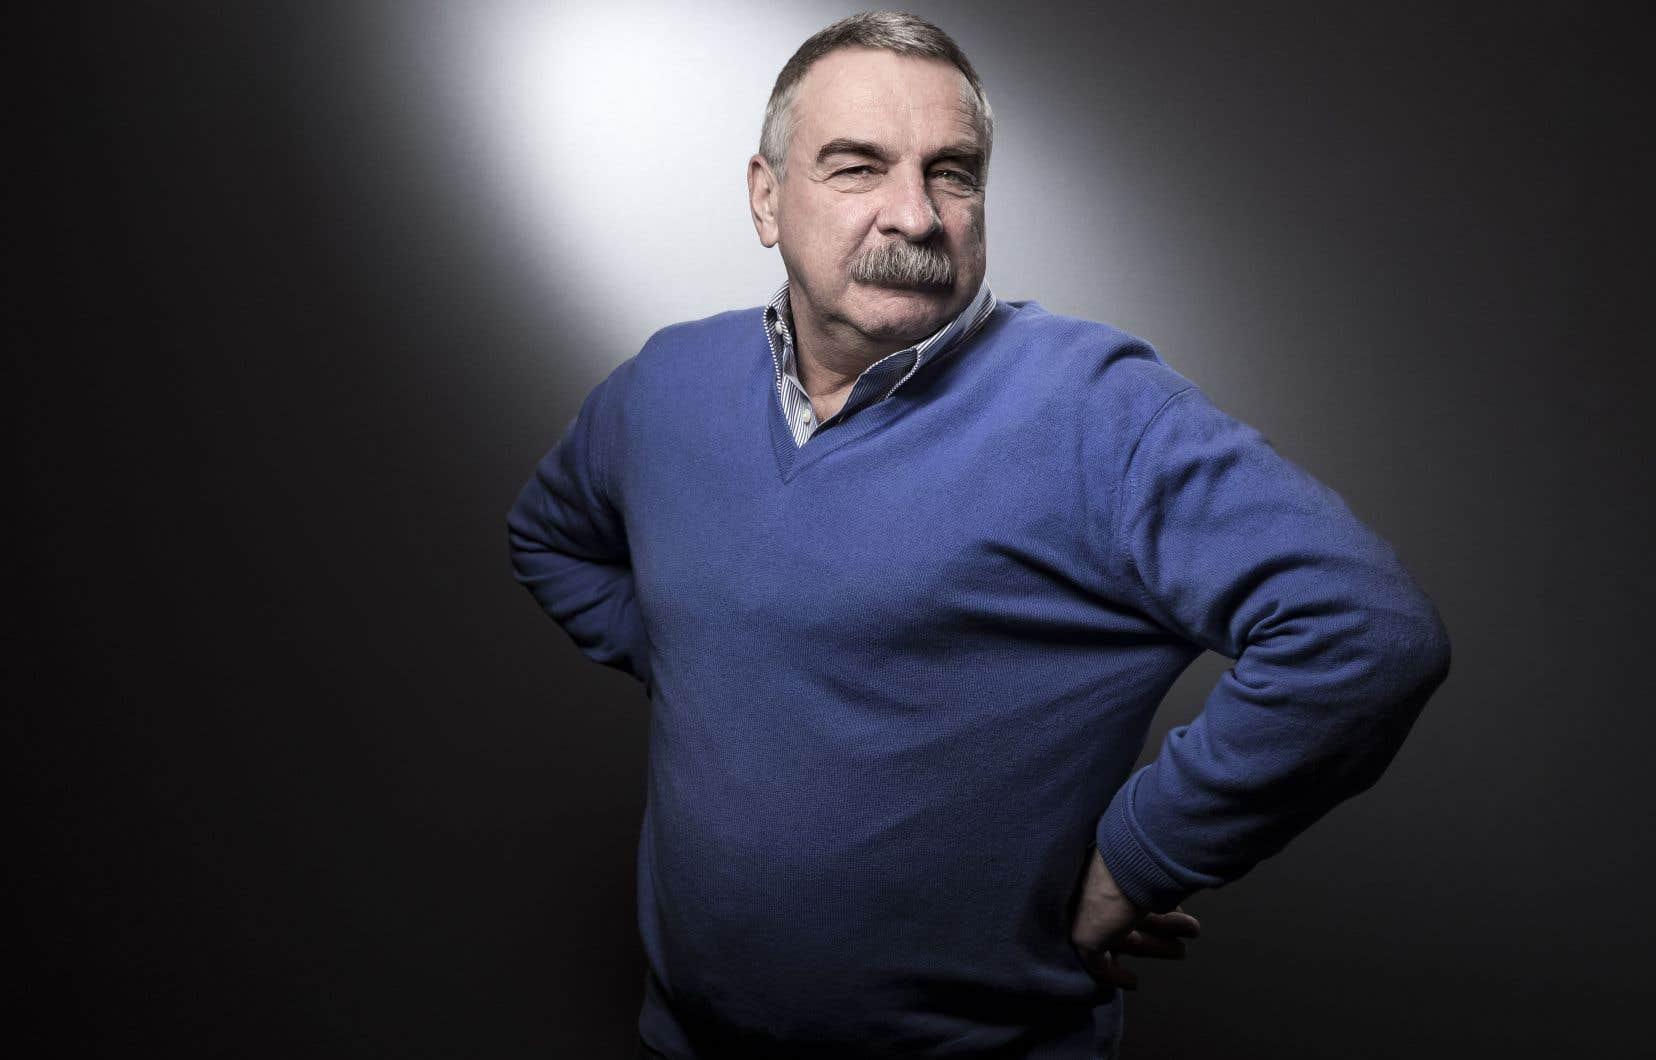 Malgré certaines faiblesses, Victor Remizov évite ici de verser tout d'un bloc dans le manichéisme.